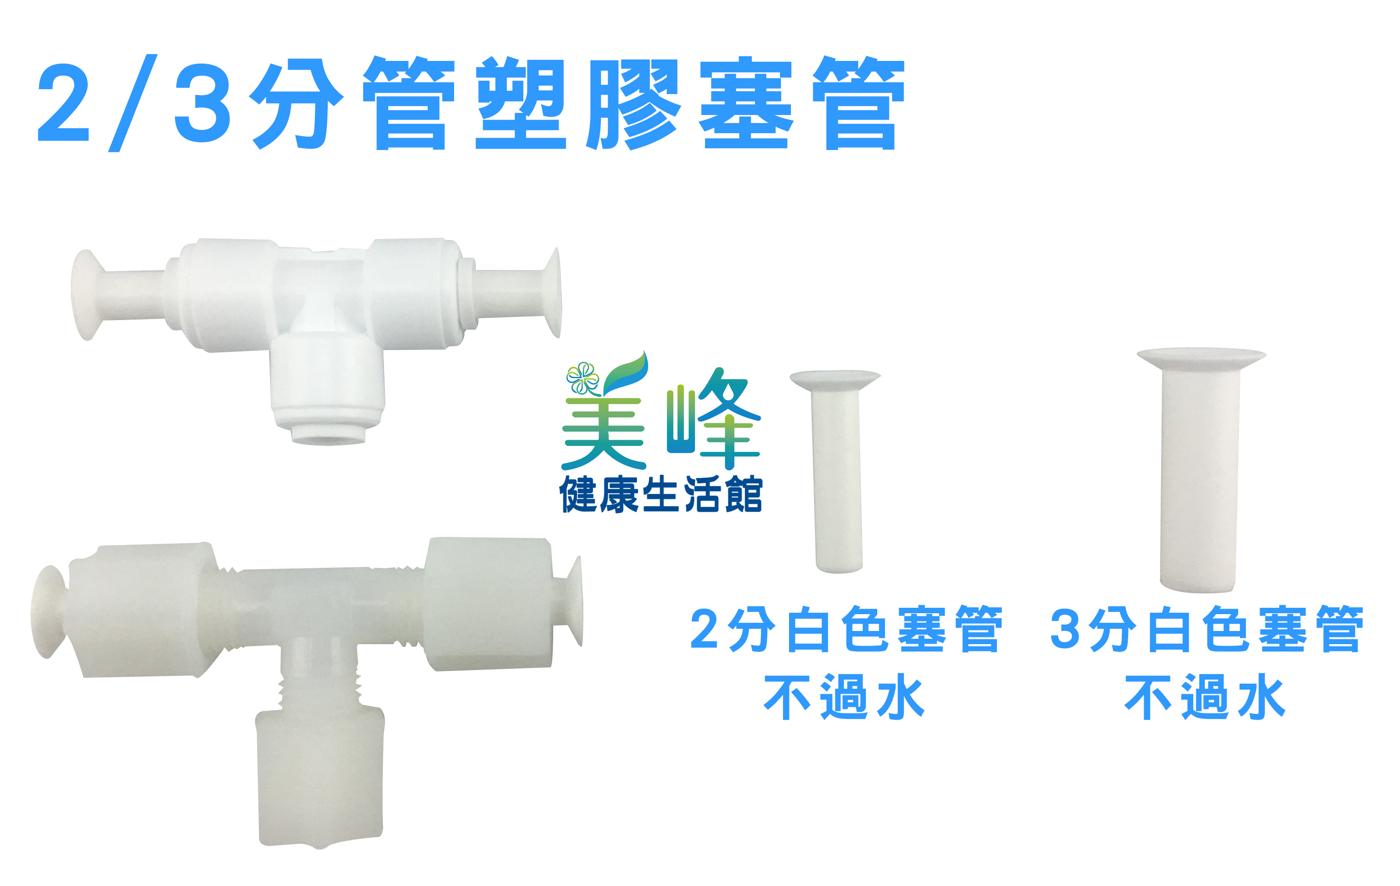 3分塞管/不過水/淨水塞管白色塞管只賣10元/個,另有二分